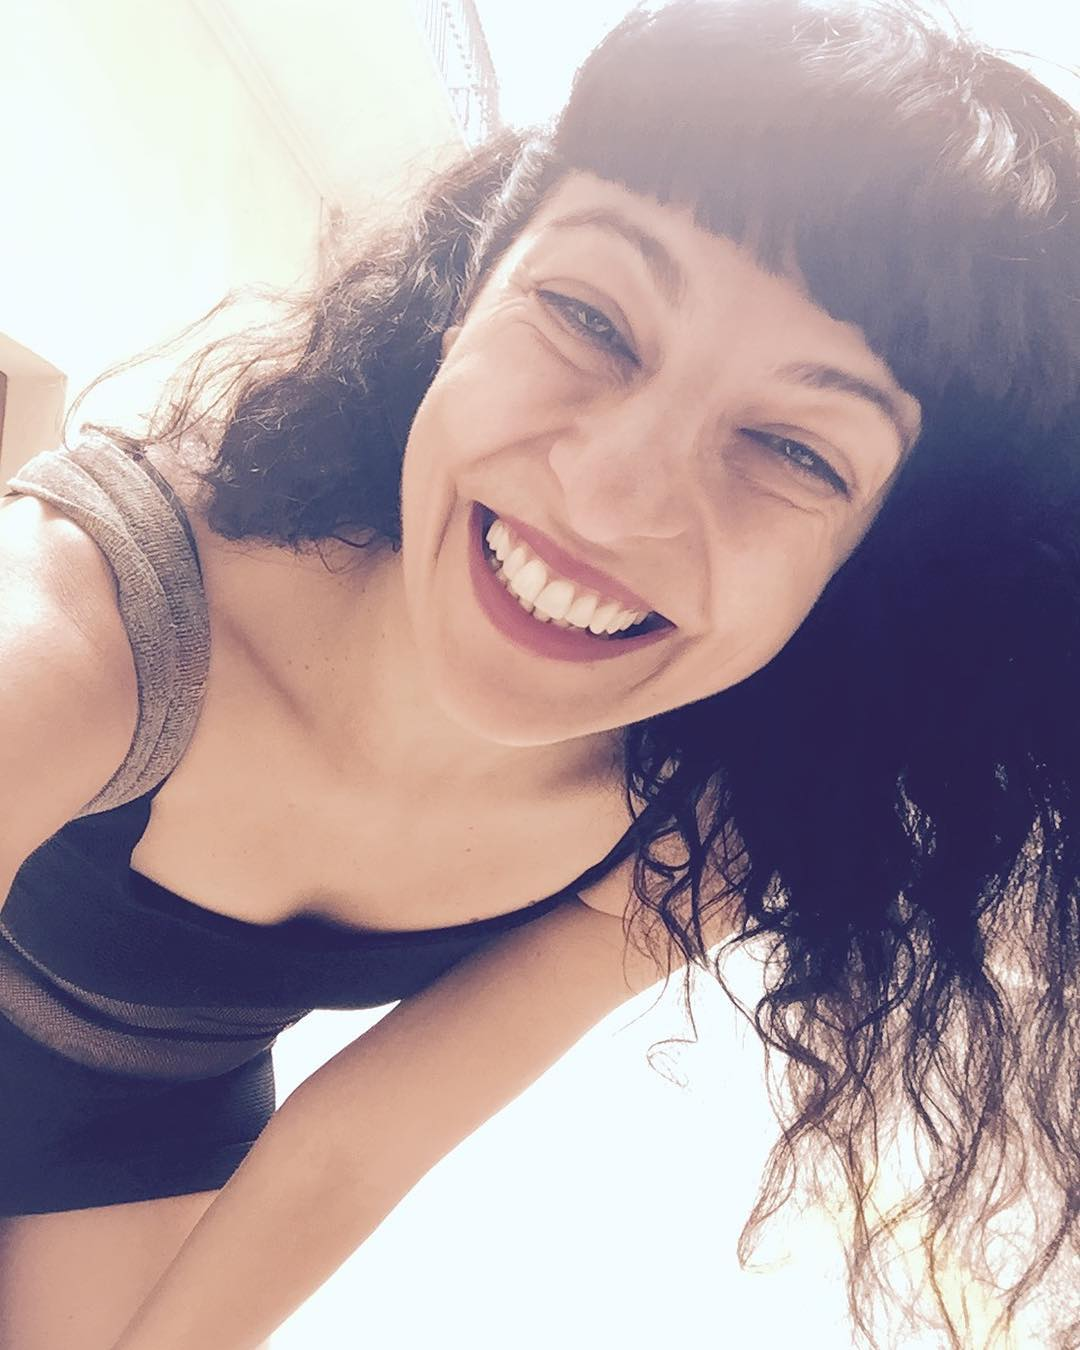 Sin filtros, ésta es la cara que se me pone cuando estoy en mi tierra #mallorca #mallorquina